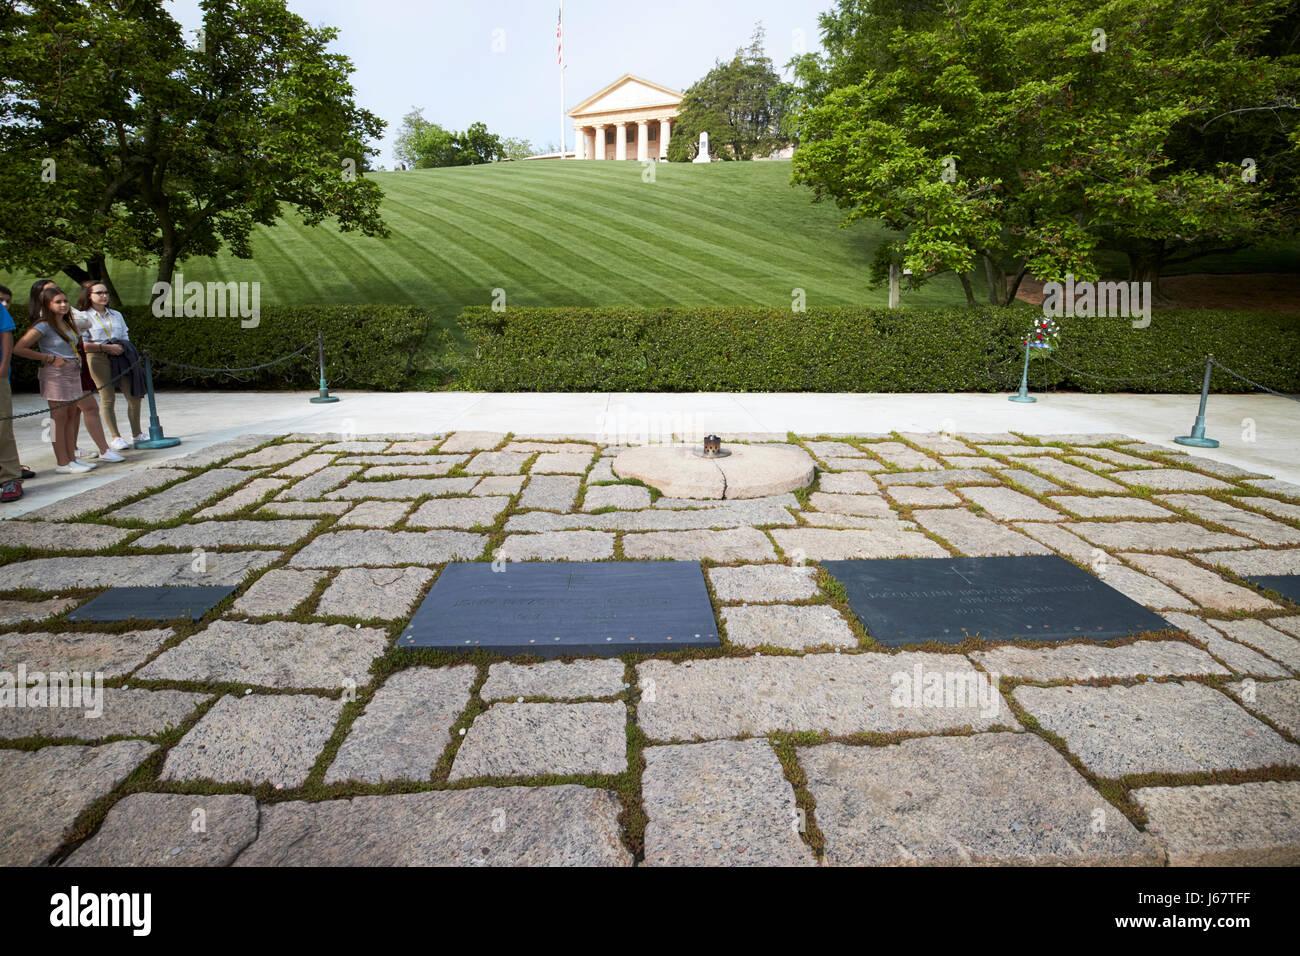 Jfk John F Kennedy Und Jacqueline Bouvier Kennedy Onassis Grabstätte